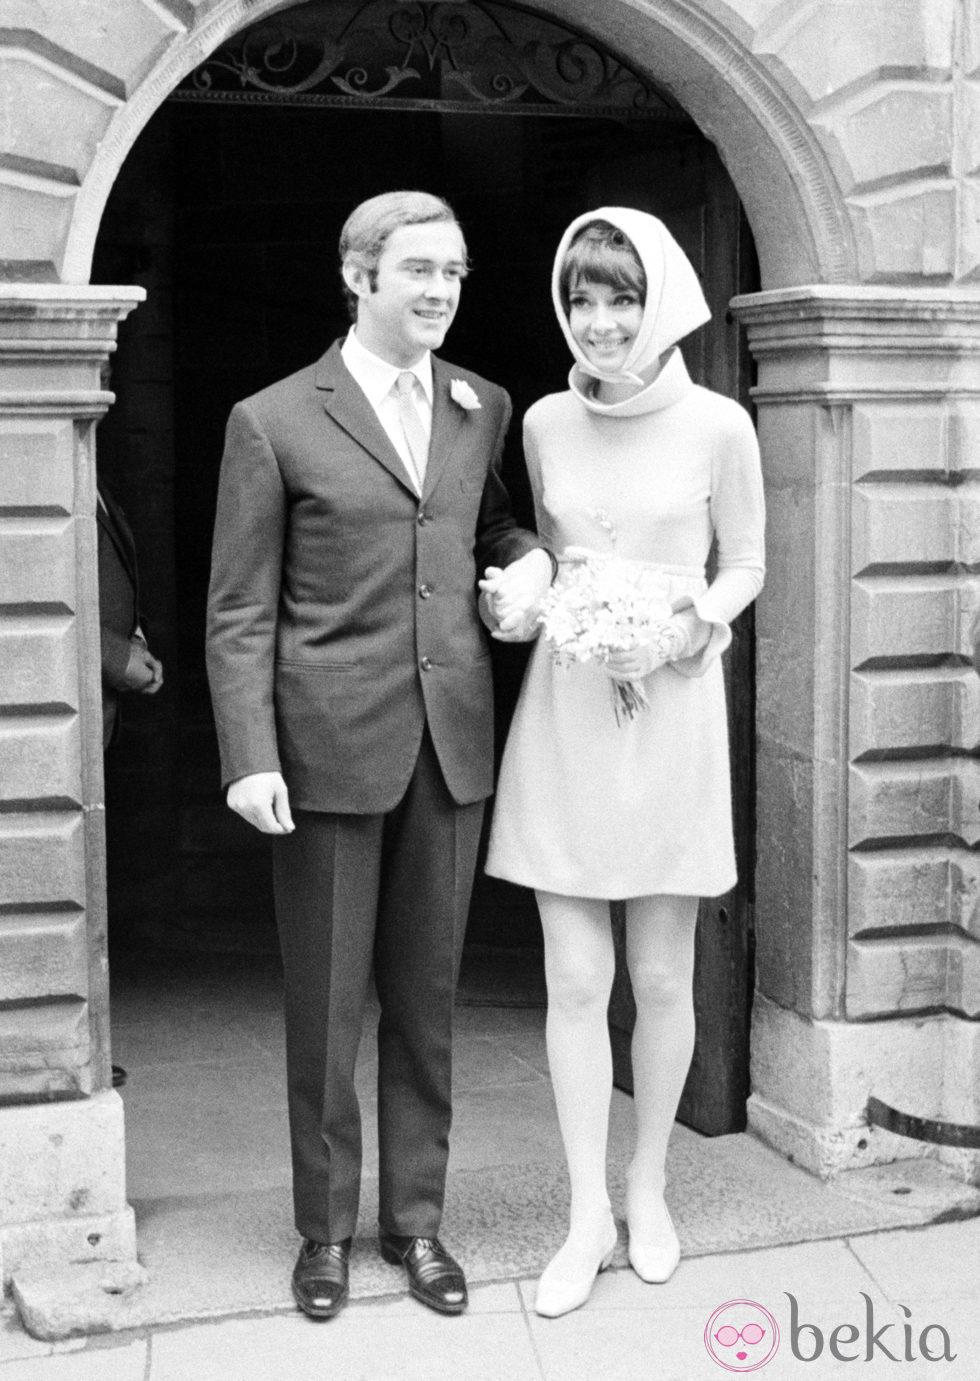 Boda de Audrey Hepburn y Andrea Dotti en 1969 - Repaso en ...